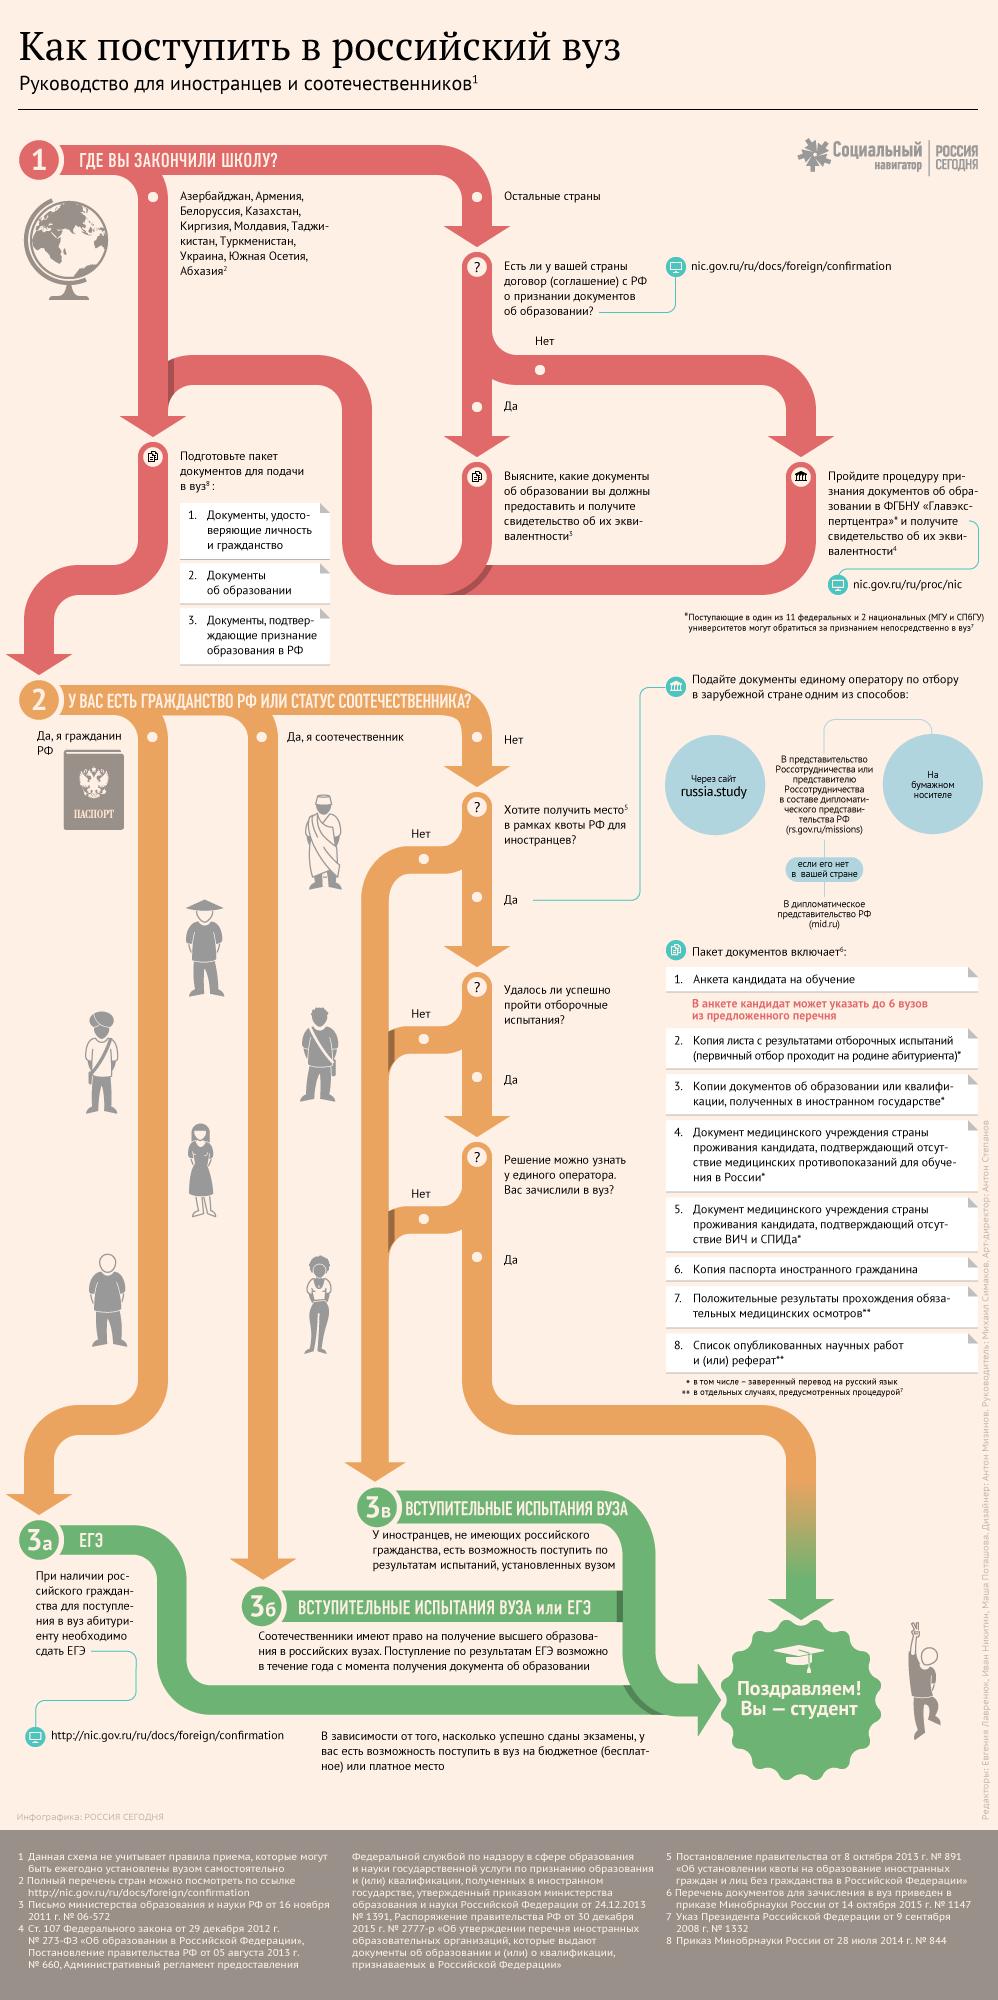 Инфографика: Как поступить в российский вуз